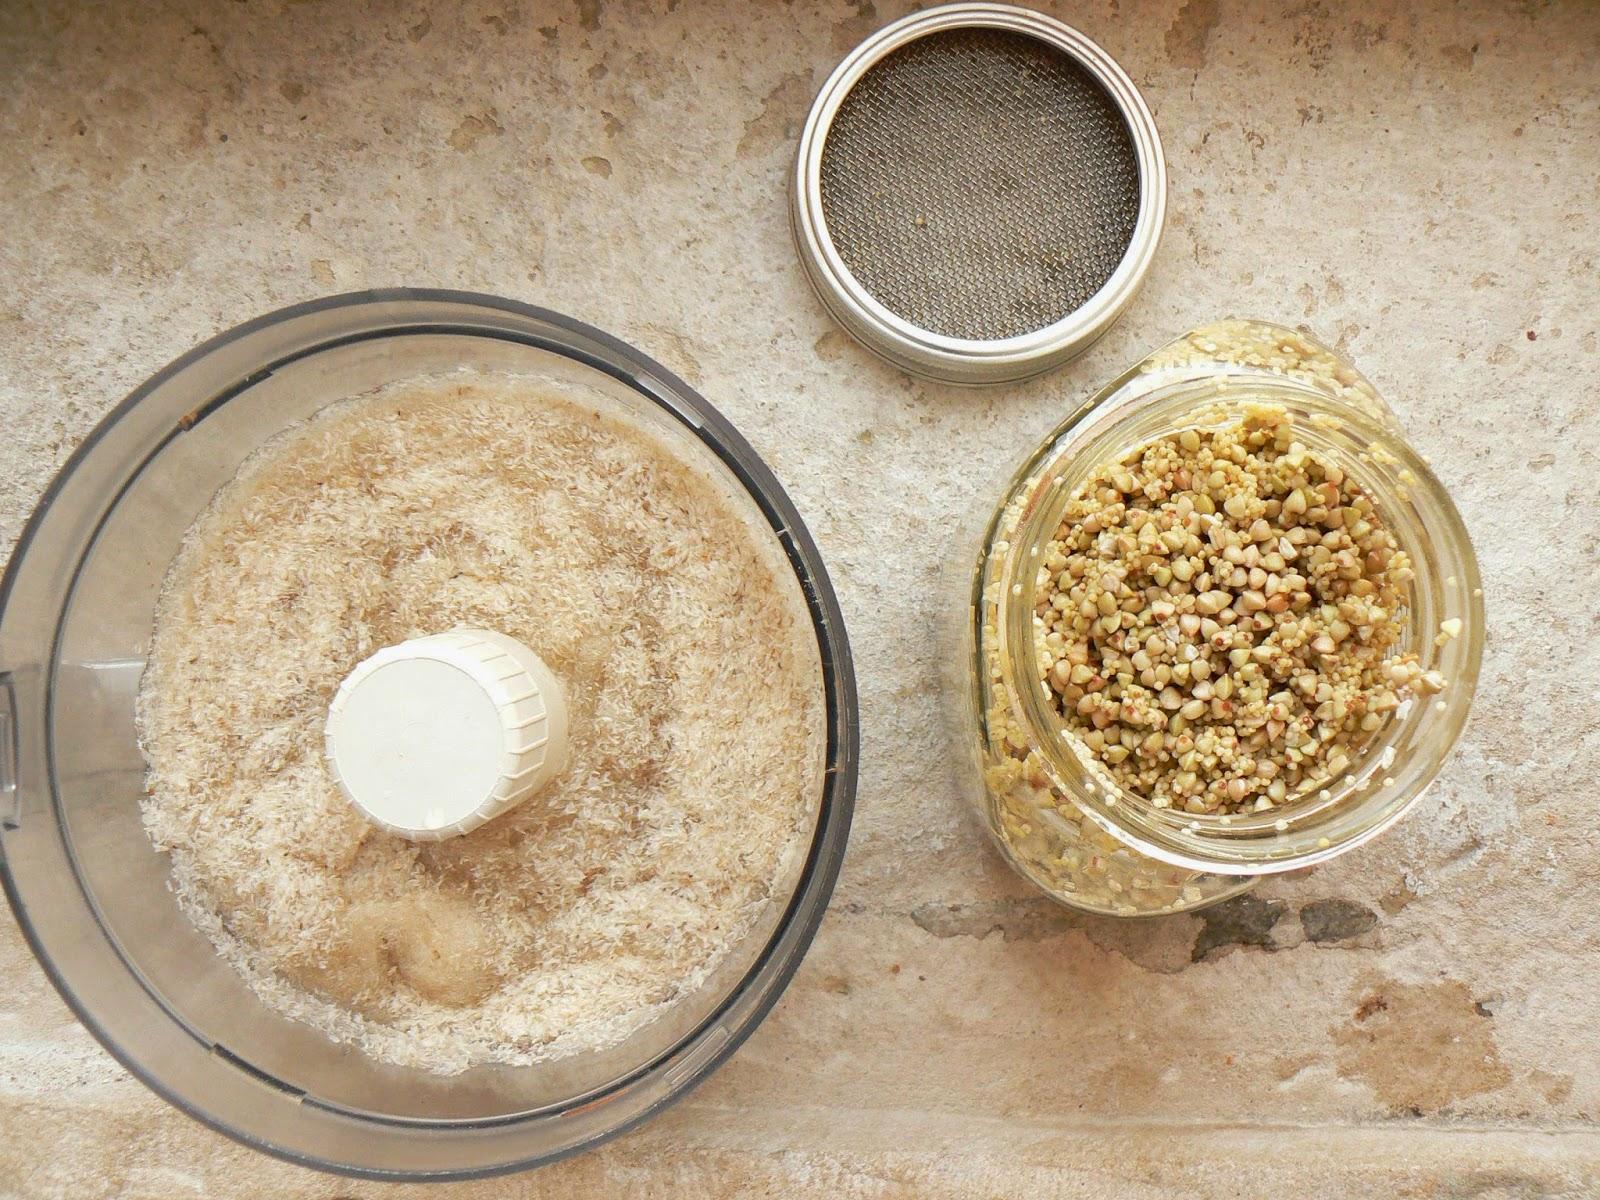 Naturopathe Ain - Pain sans gluten sans farine